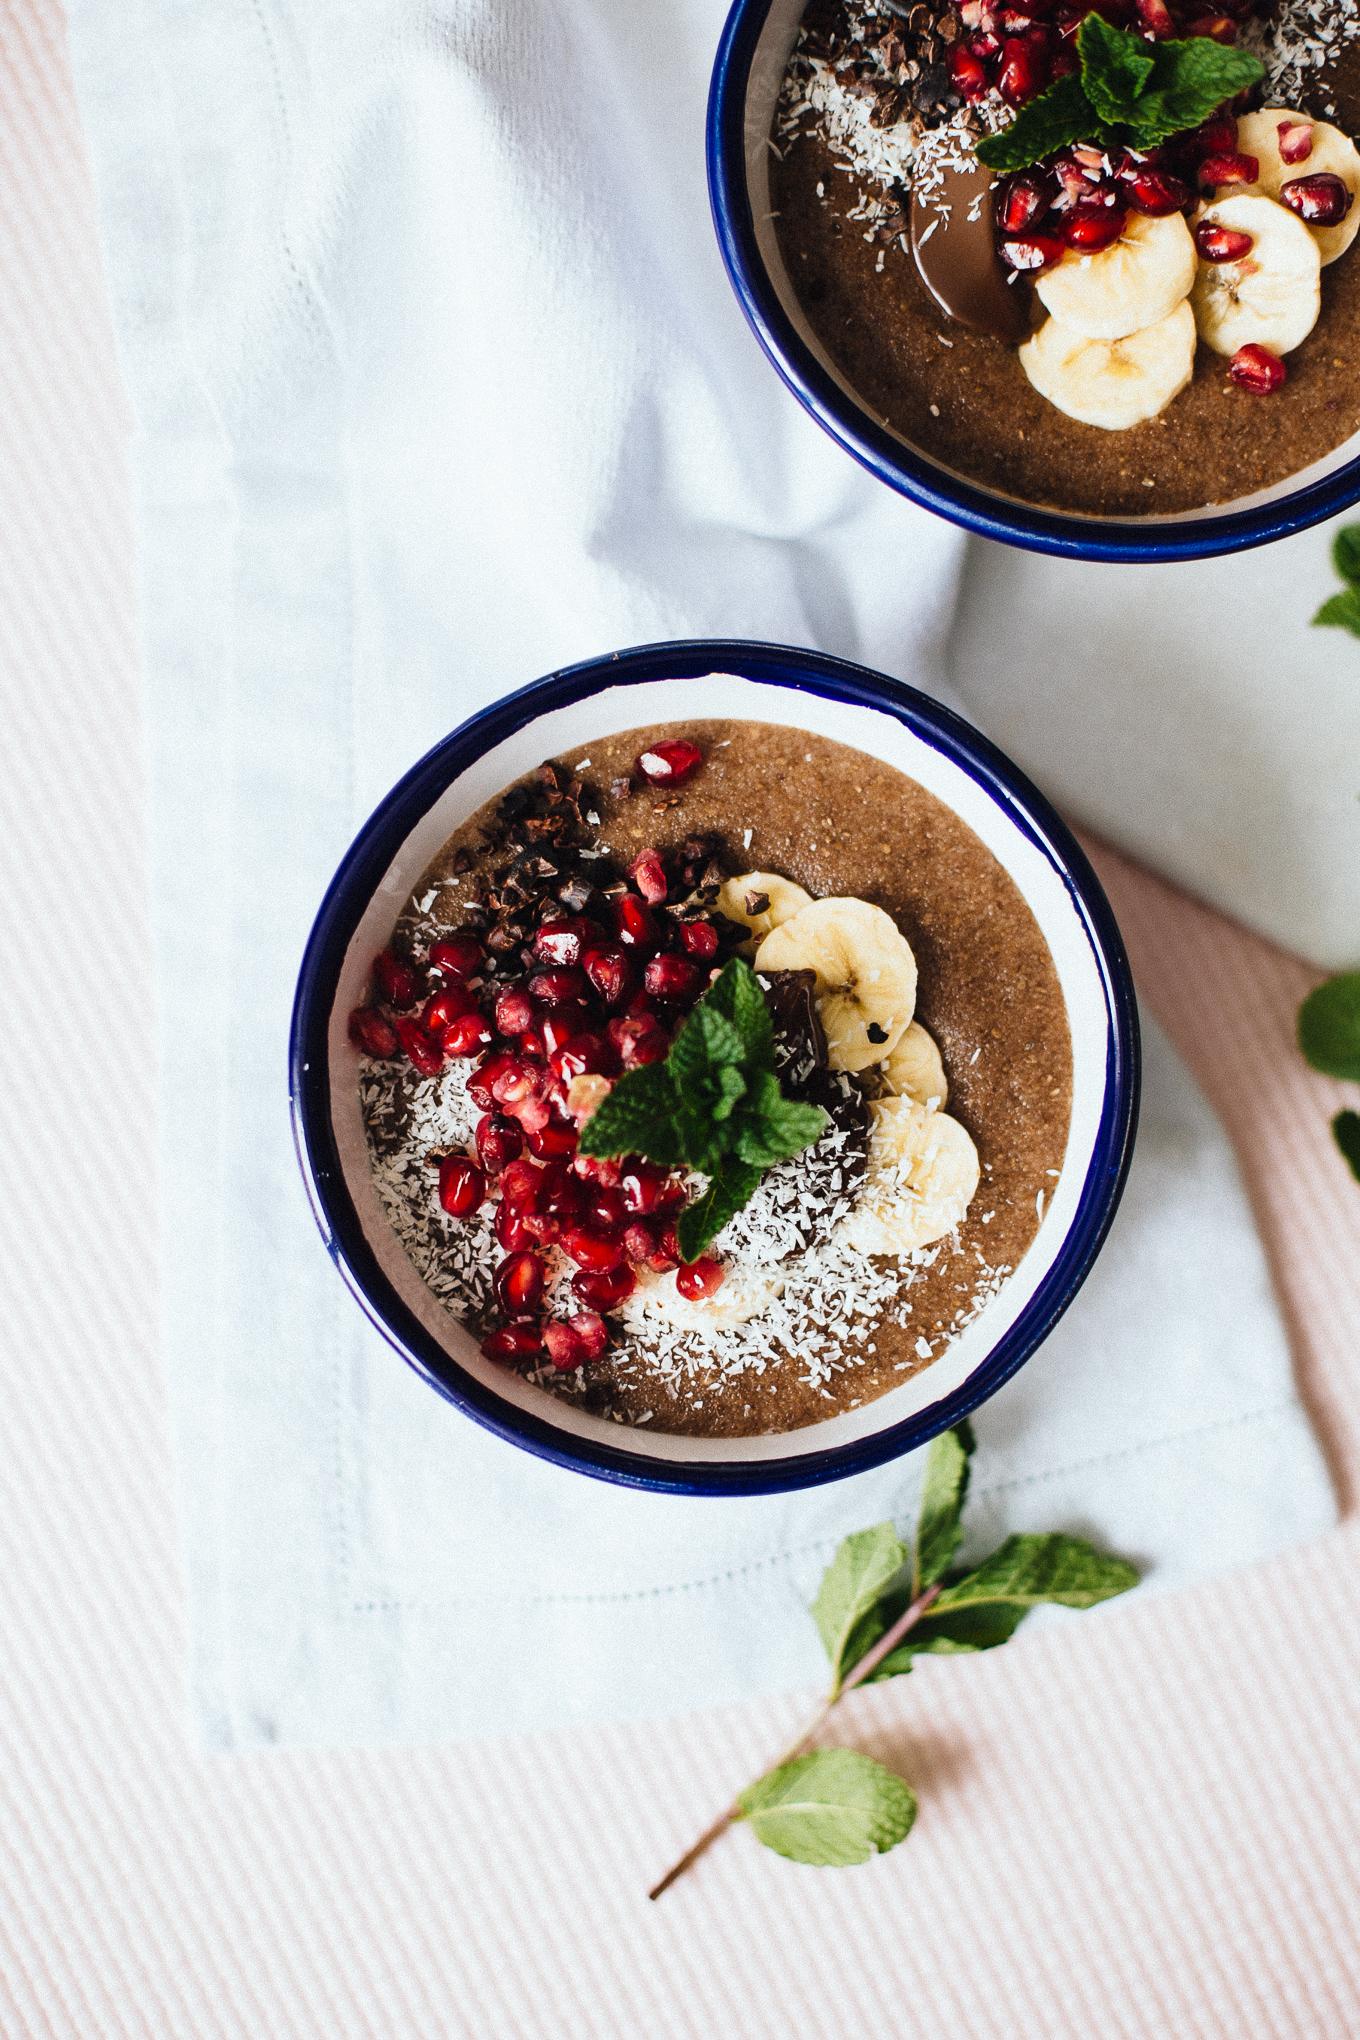 Grießbrei mit Granatapfel | Love Daily Dose